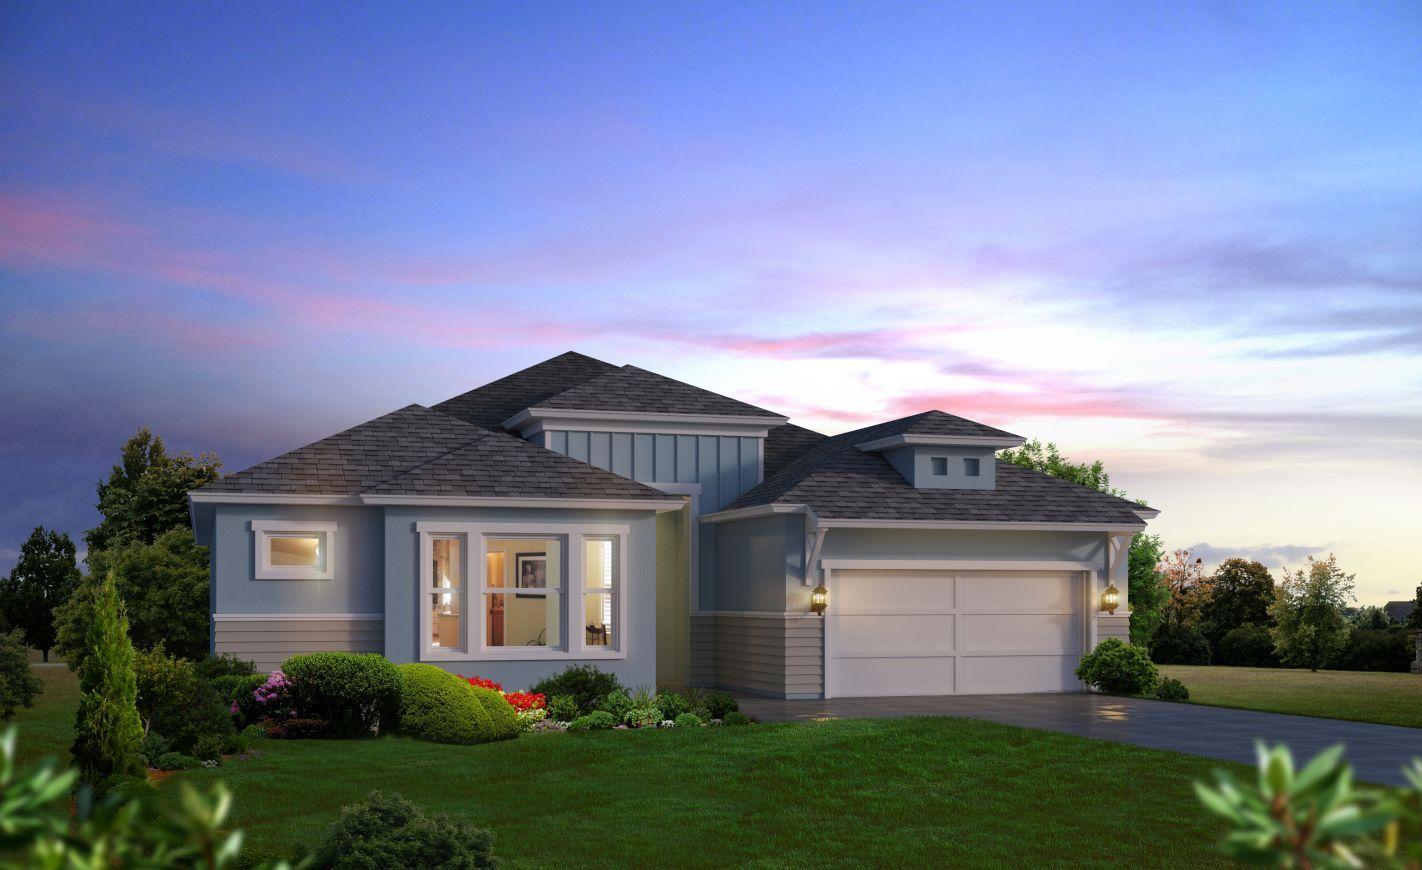 6865 Forkmead Lane, Port Orange, FL Homes & Land - Real Estate